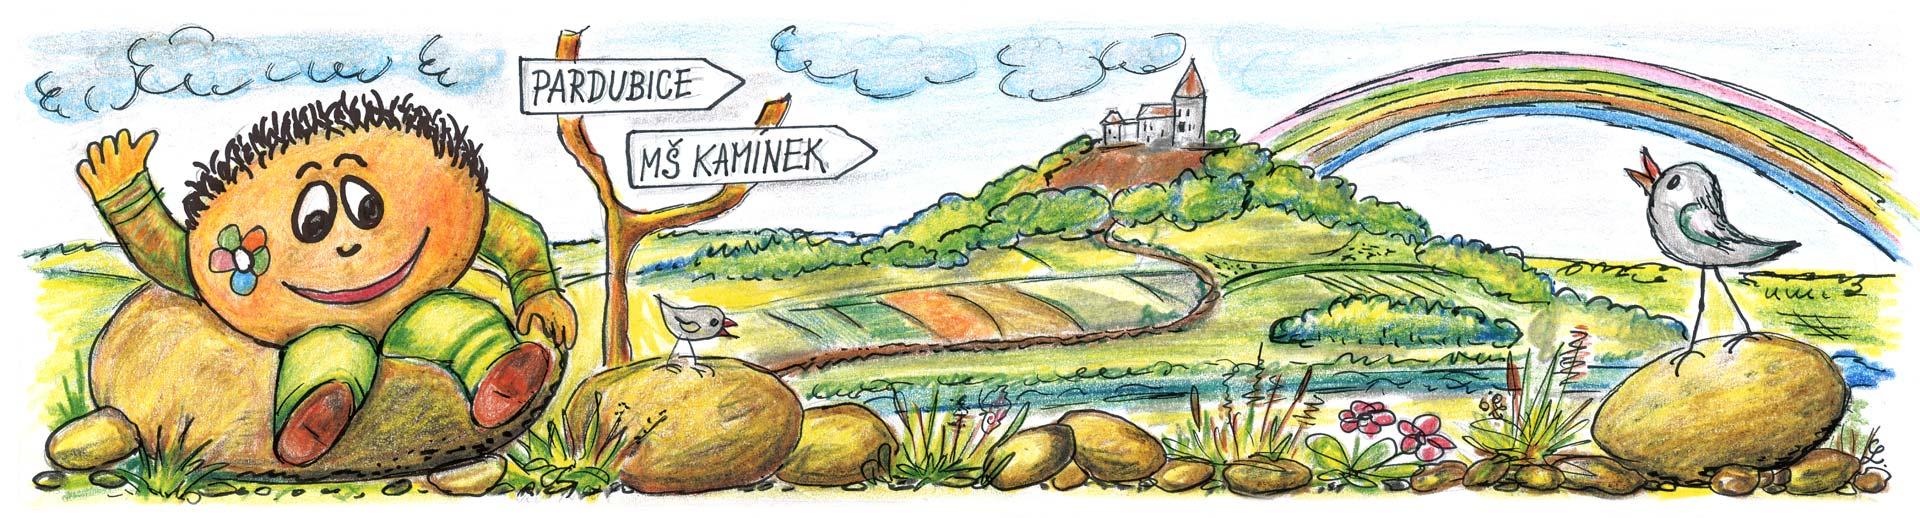 MŠ kamínek - úvodní ilustrace